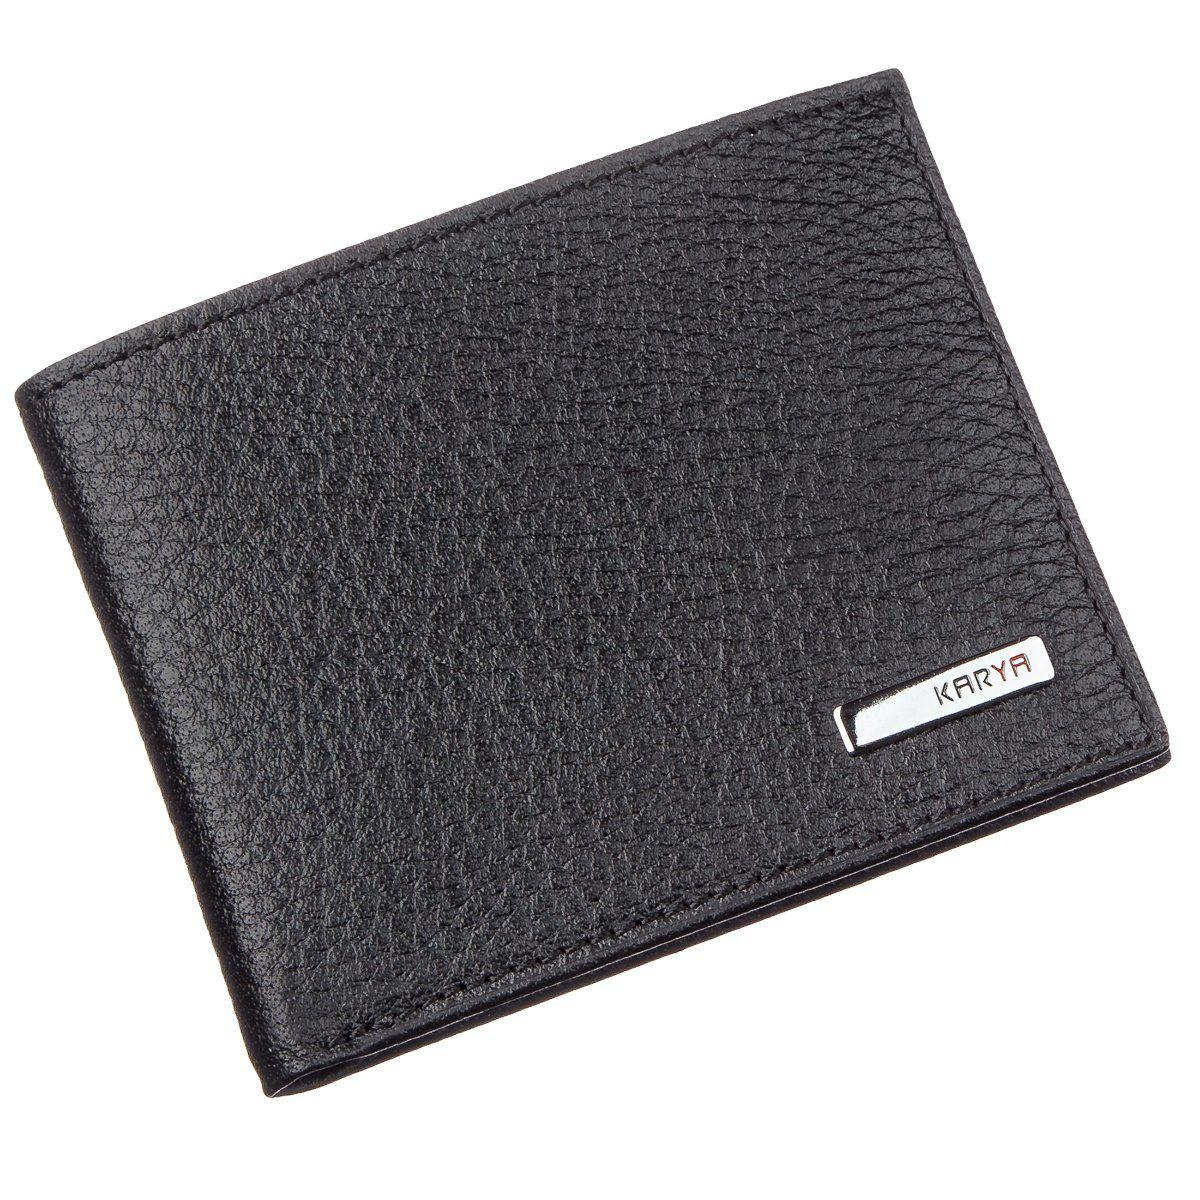 Тонкий чоловічий гаманець шкіра флотар KARYA 17381 чорний